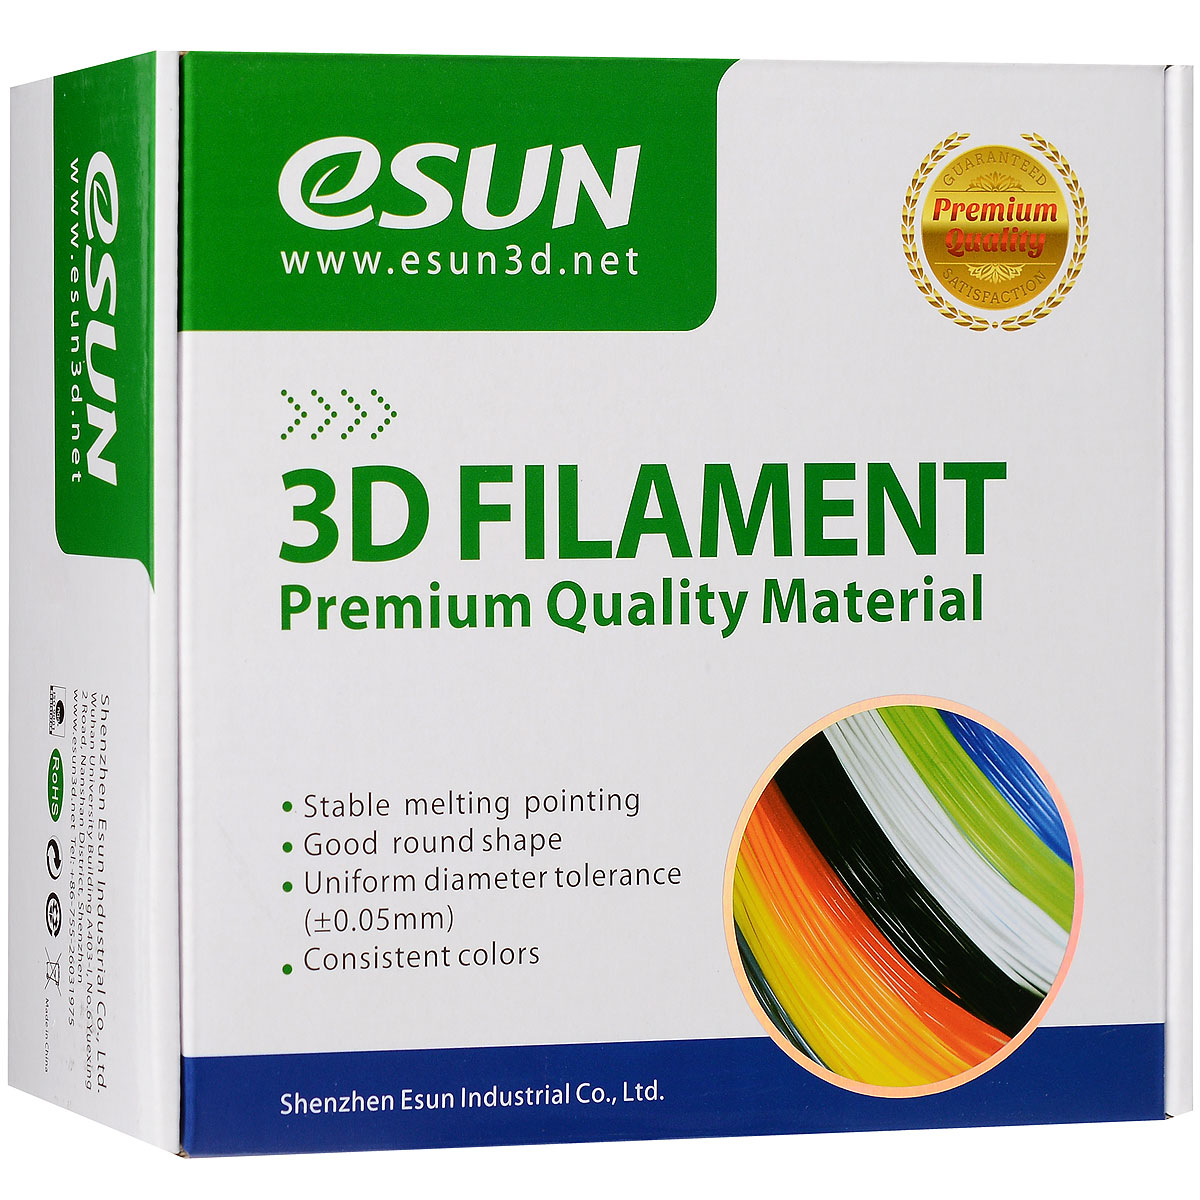 ESUN пластик ABS в катушке, White, 1,75 ммABS175W1Пластик ABS от ESUN долговечный и очень прочный полимер, ударопрочный, эластичный и стойкий к моющим средствам и щелочам. Один из лучших материалов для печати на 3D принтере. Пластик ABS не имеет запаха и не является токсичным. Температура плавления220-260°C. АБС пластик для 3D-принтера применяется в деталях автомобилей, канцелярских изделиях, корпусах бытовой техники, мебели, сантехники, а также в производстве игрушек, сувениров, спортивного инвентаря, деталей оружия, медицинского оборудования и прочего.Диаметр пластиковой нити: 1.75 мм